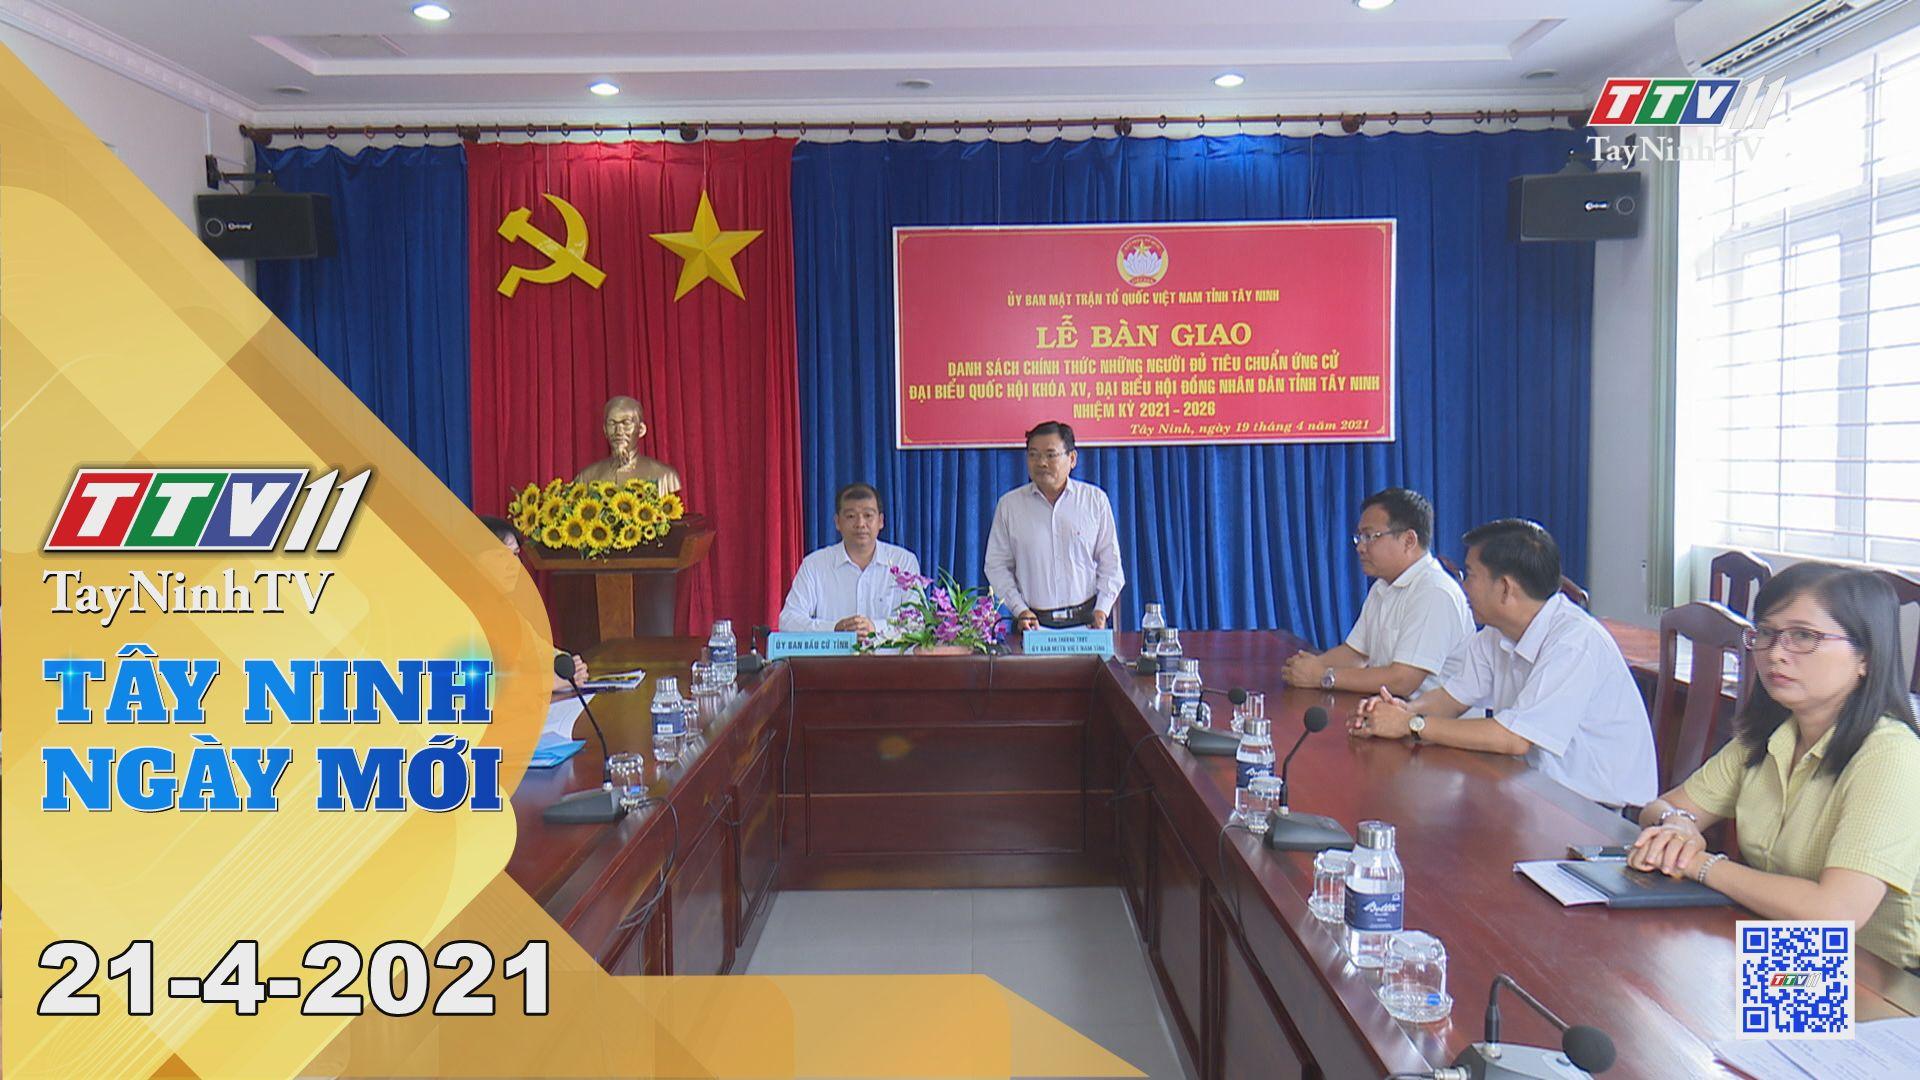 Tây Ninh Ngày Mới 21-4-2021 | Tin tức hôm nay | TayNinhTV